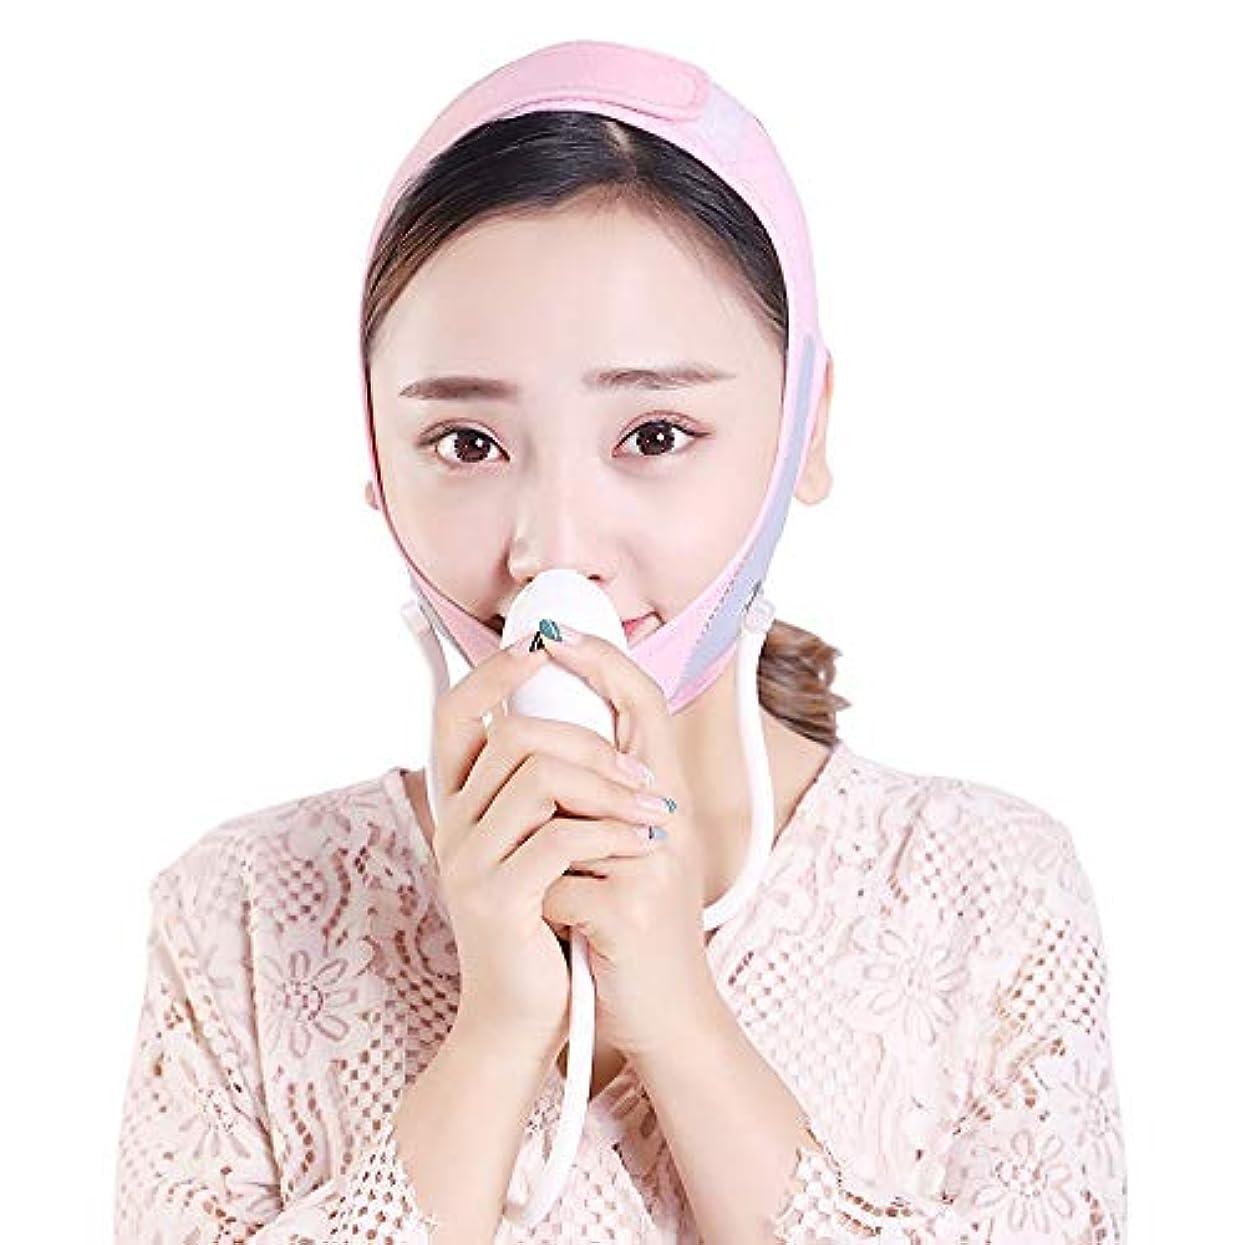 発表トレイル目指すJia Jia- インフレータブル調節可能なフェイスリフトアーチファクト包帯をダブルチンリフト引き締めカラスの足one骨のサイズV顔ユニセックス - ピンク 顔面包帯